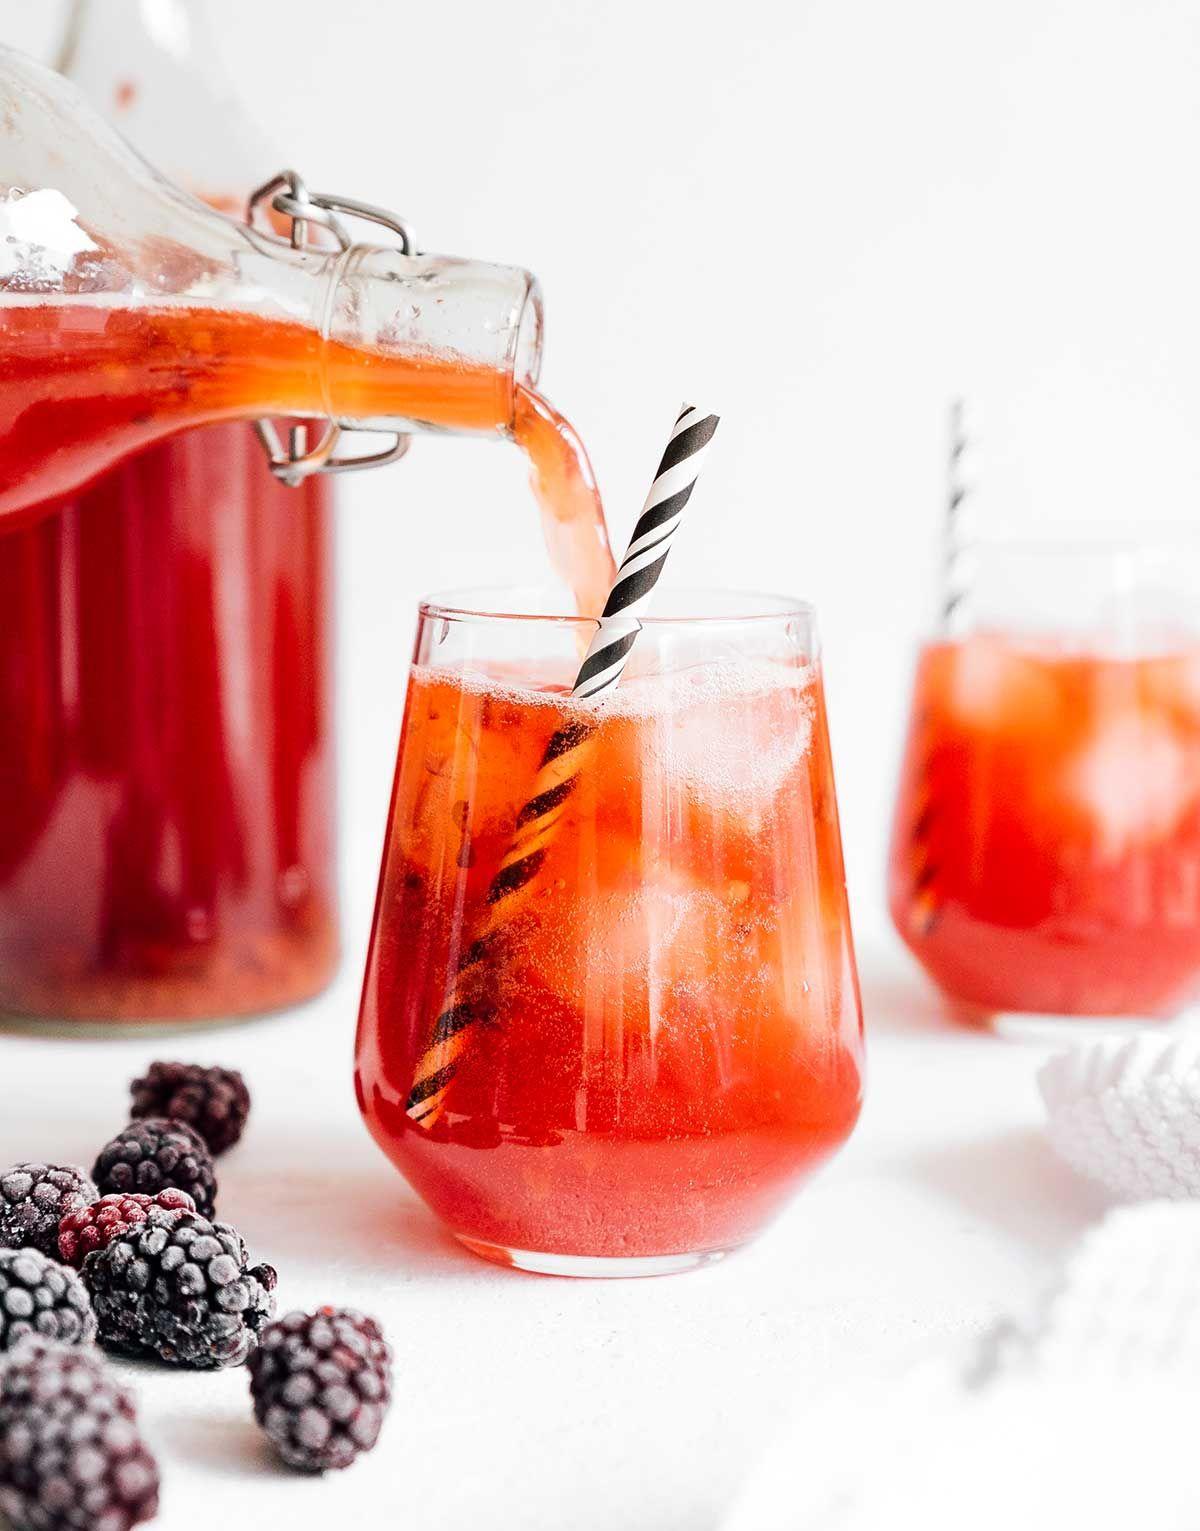 Home Brewed Blackberry Vanilla Kombucha Recipe In 2020 Homemade Kombucha Kombucha Recipe Kombucha Flavors